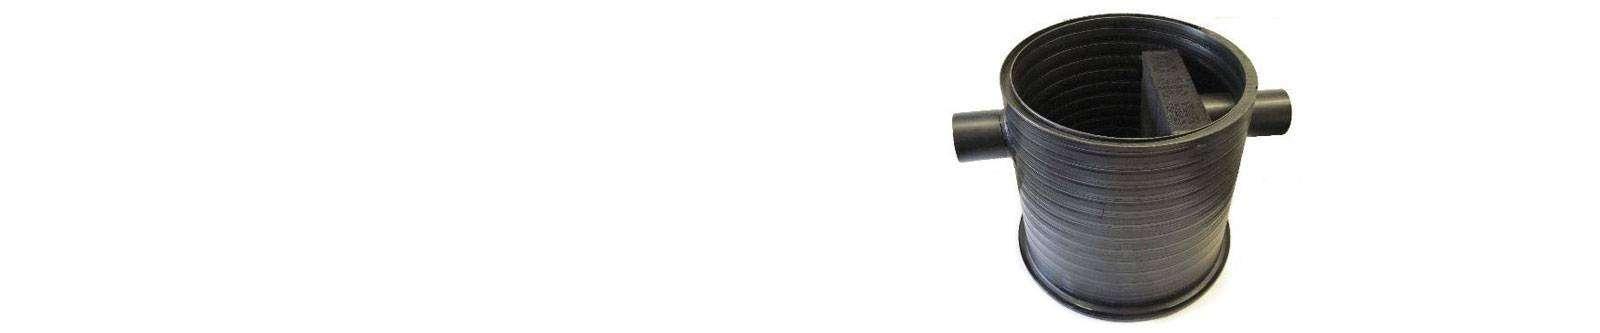 RIDGISTORMSeparate Filter Chambers